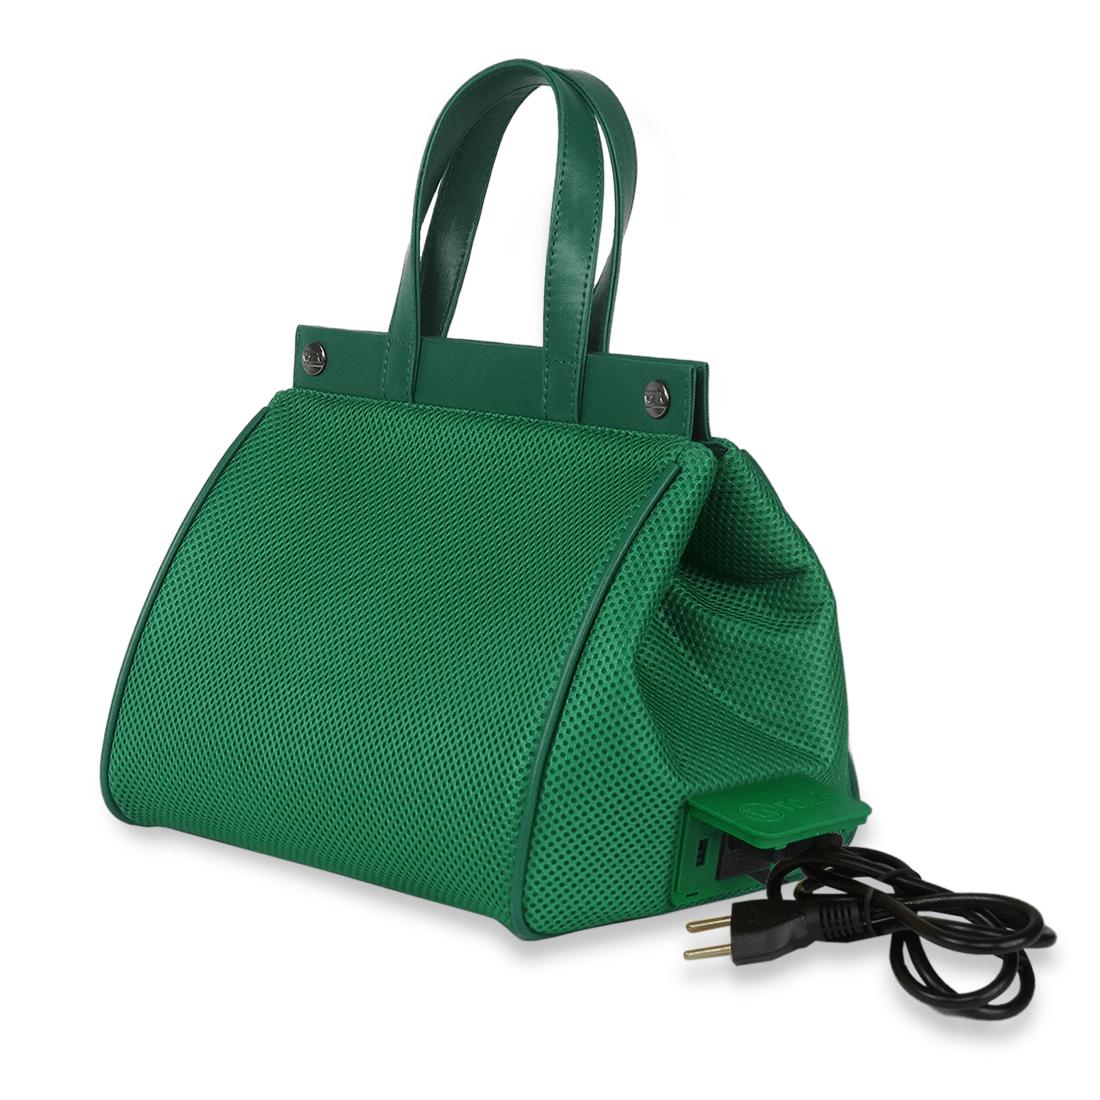 Bolsa Elétrica Voilà! Bag - Pool em Mesh Aerado Verde (Com TODOS os Acessórios)